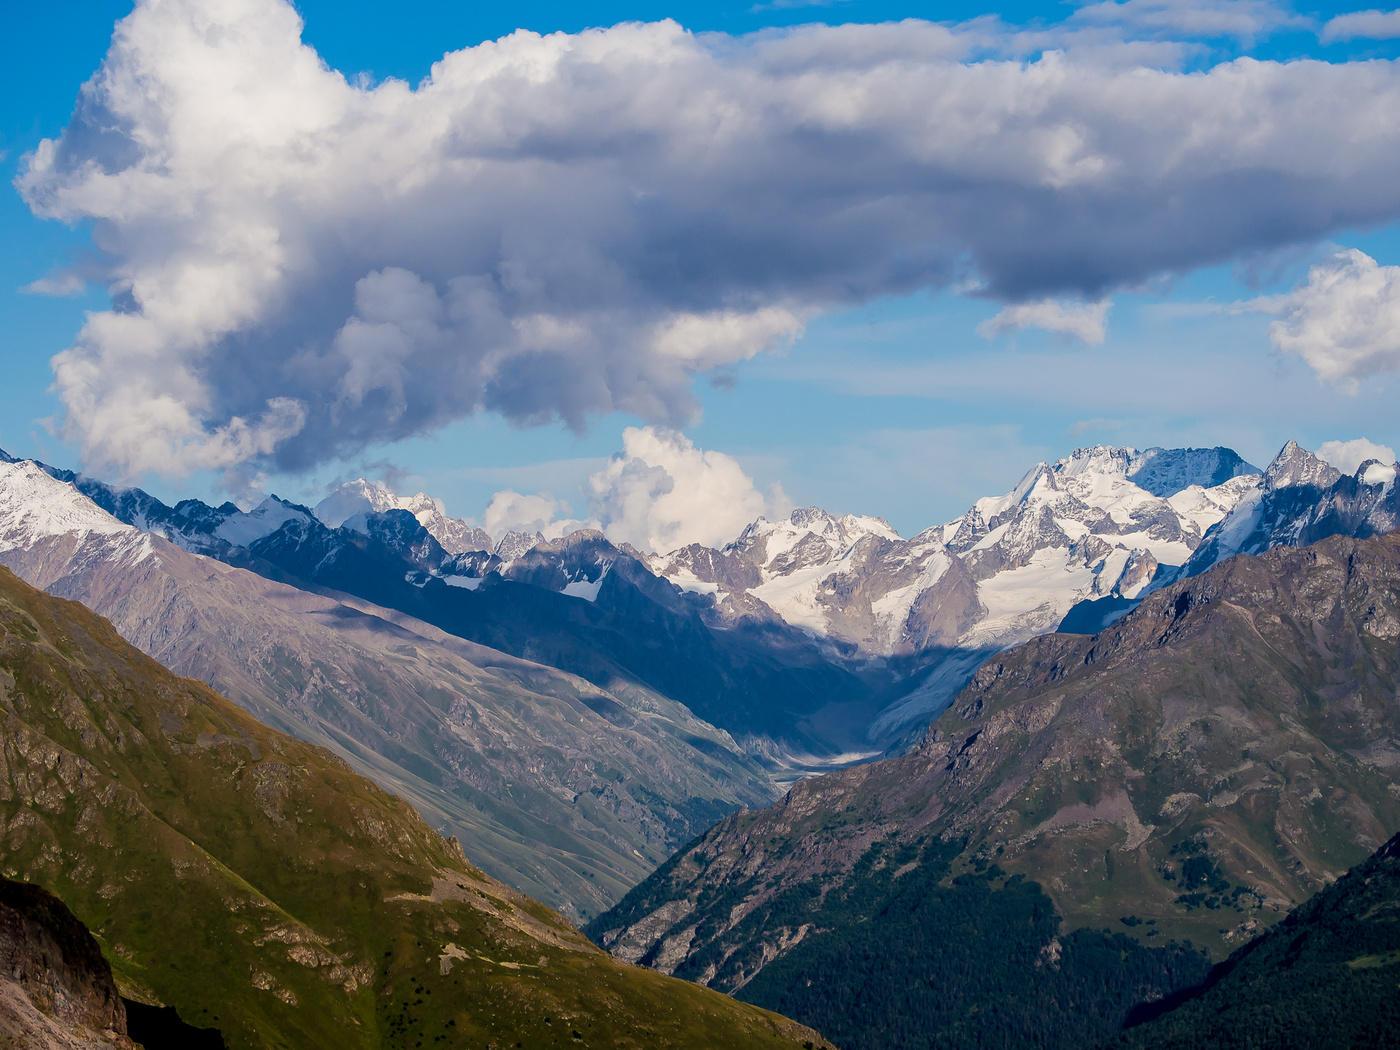 Картинка горы кавказа